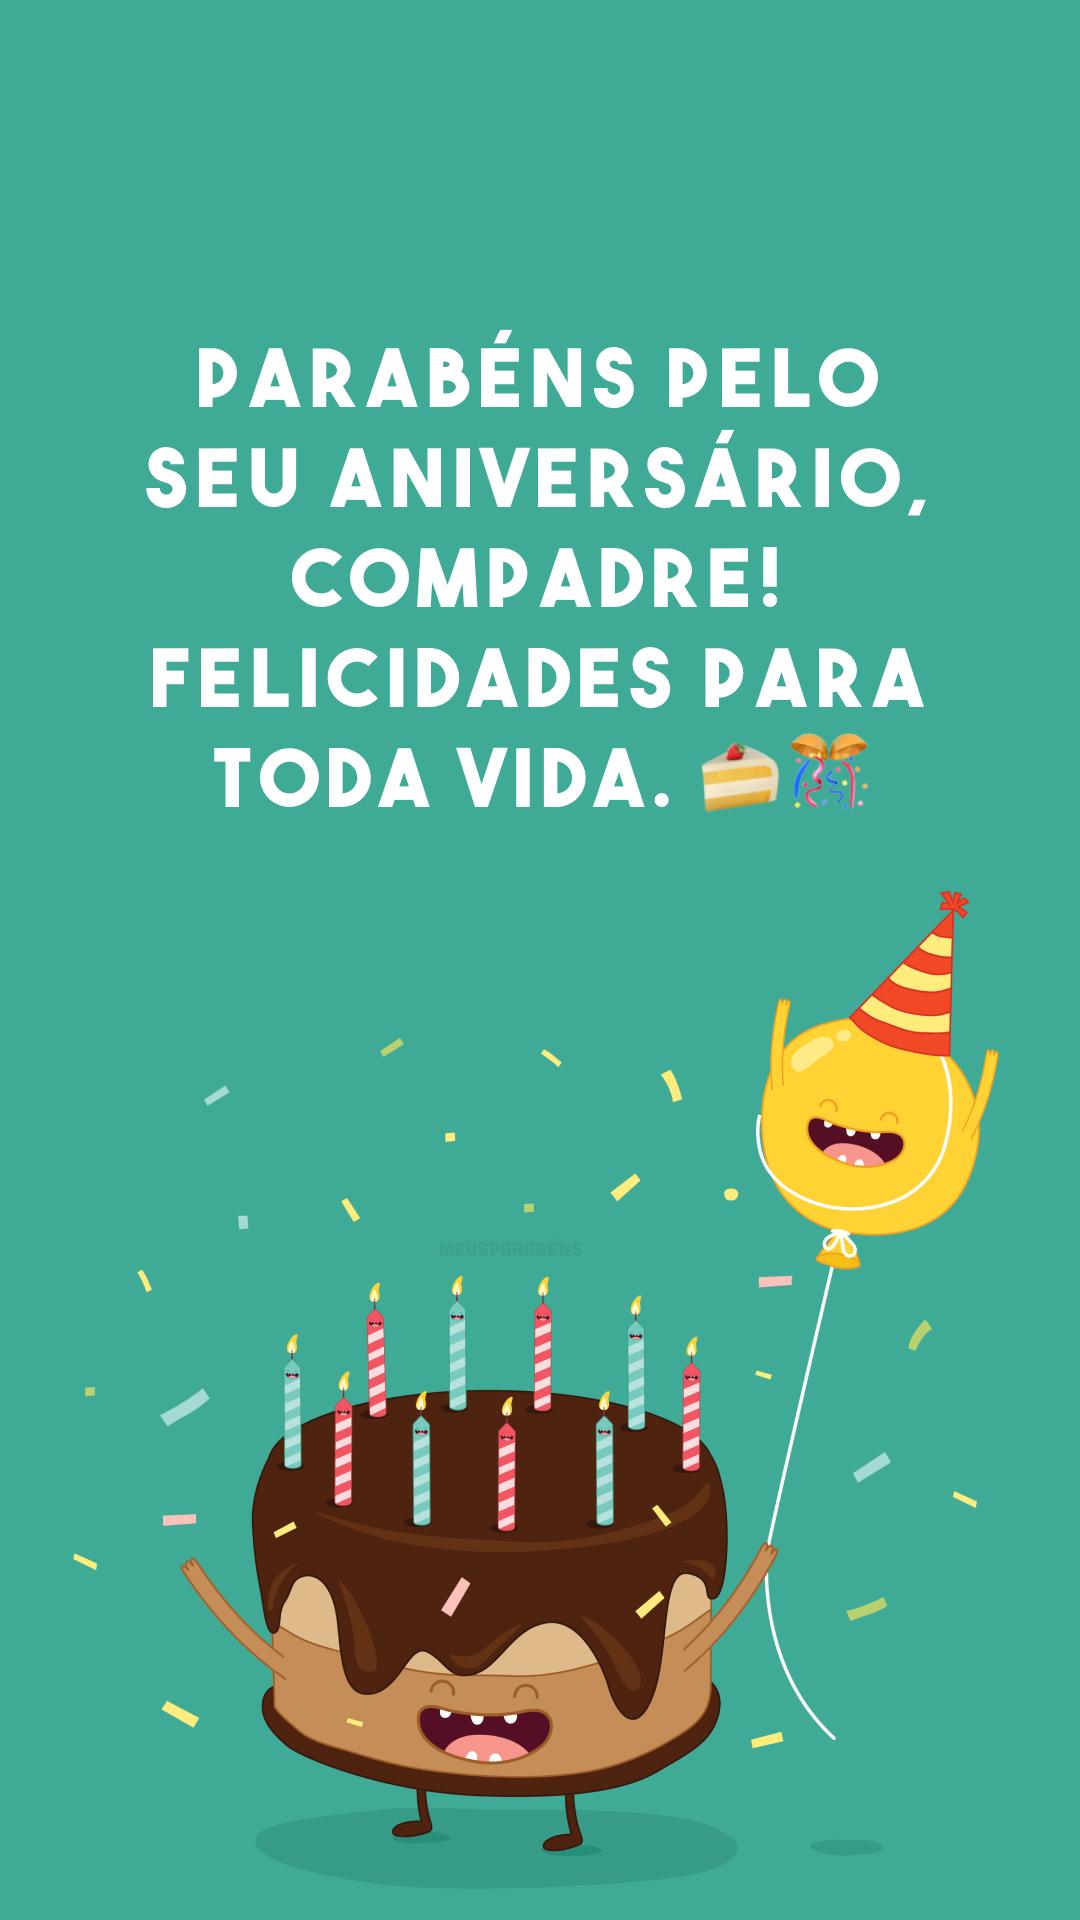 Parabéns pelo seu aniversário, compadre! Felicidades para toda vida. 🍰🎊